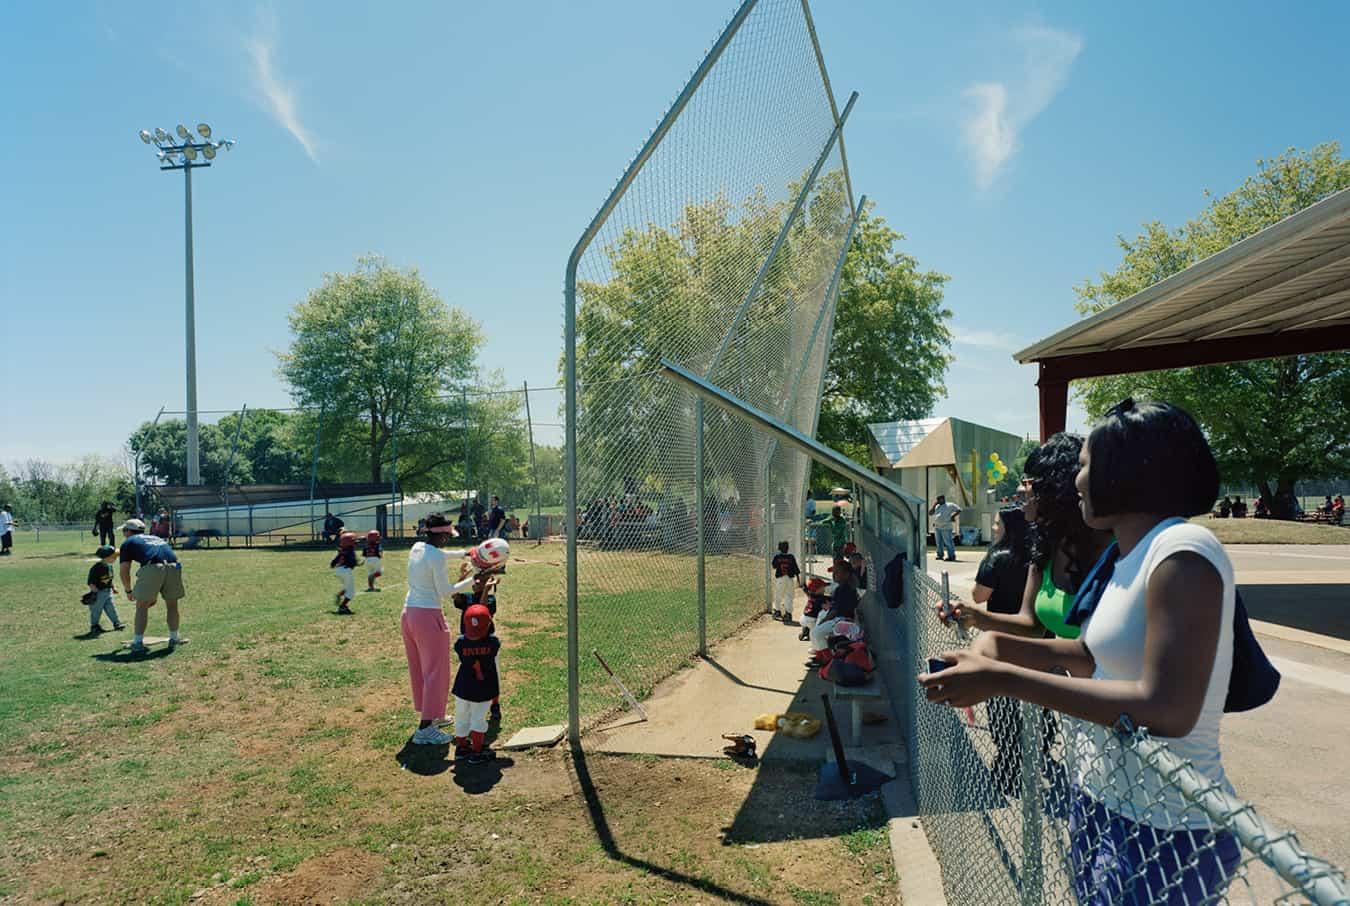 People enjoying a little league baseball game